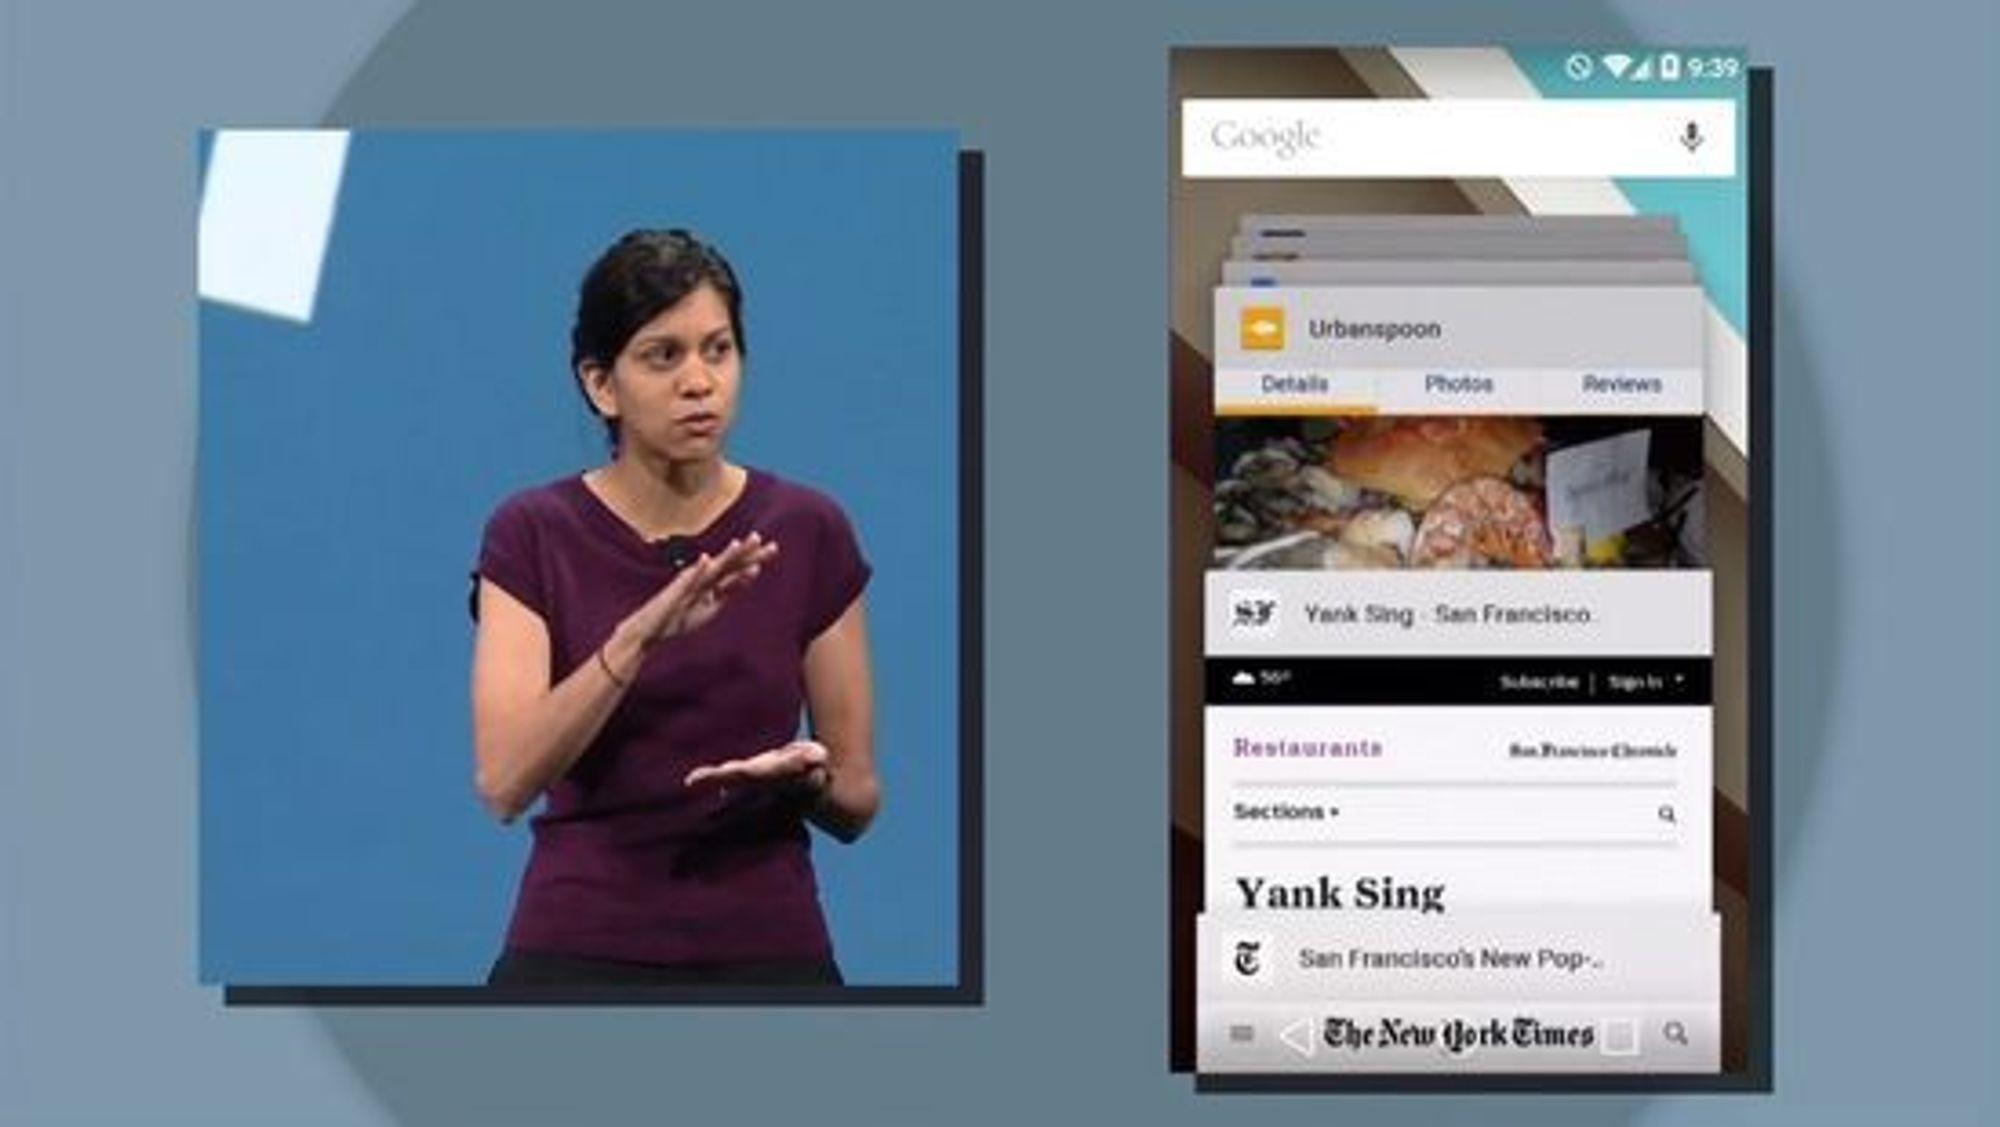 Web og Chrome blir tettere integrert i hele opplevelsen.